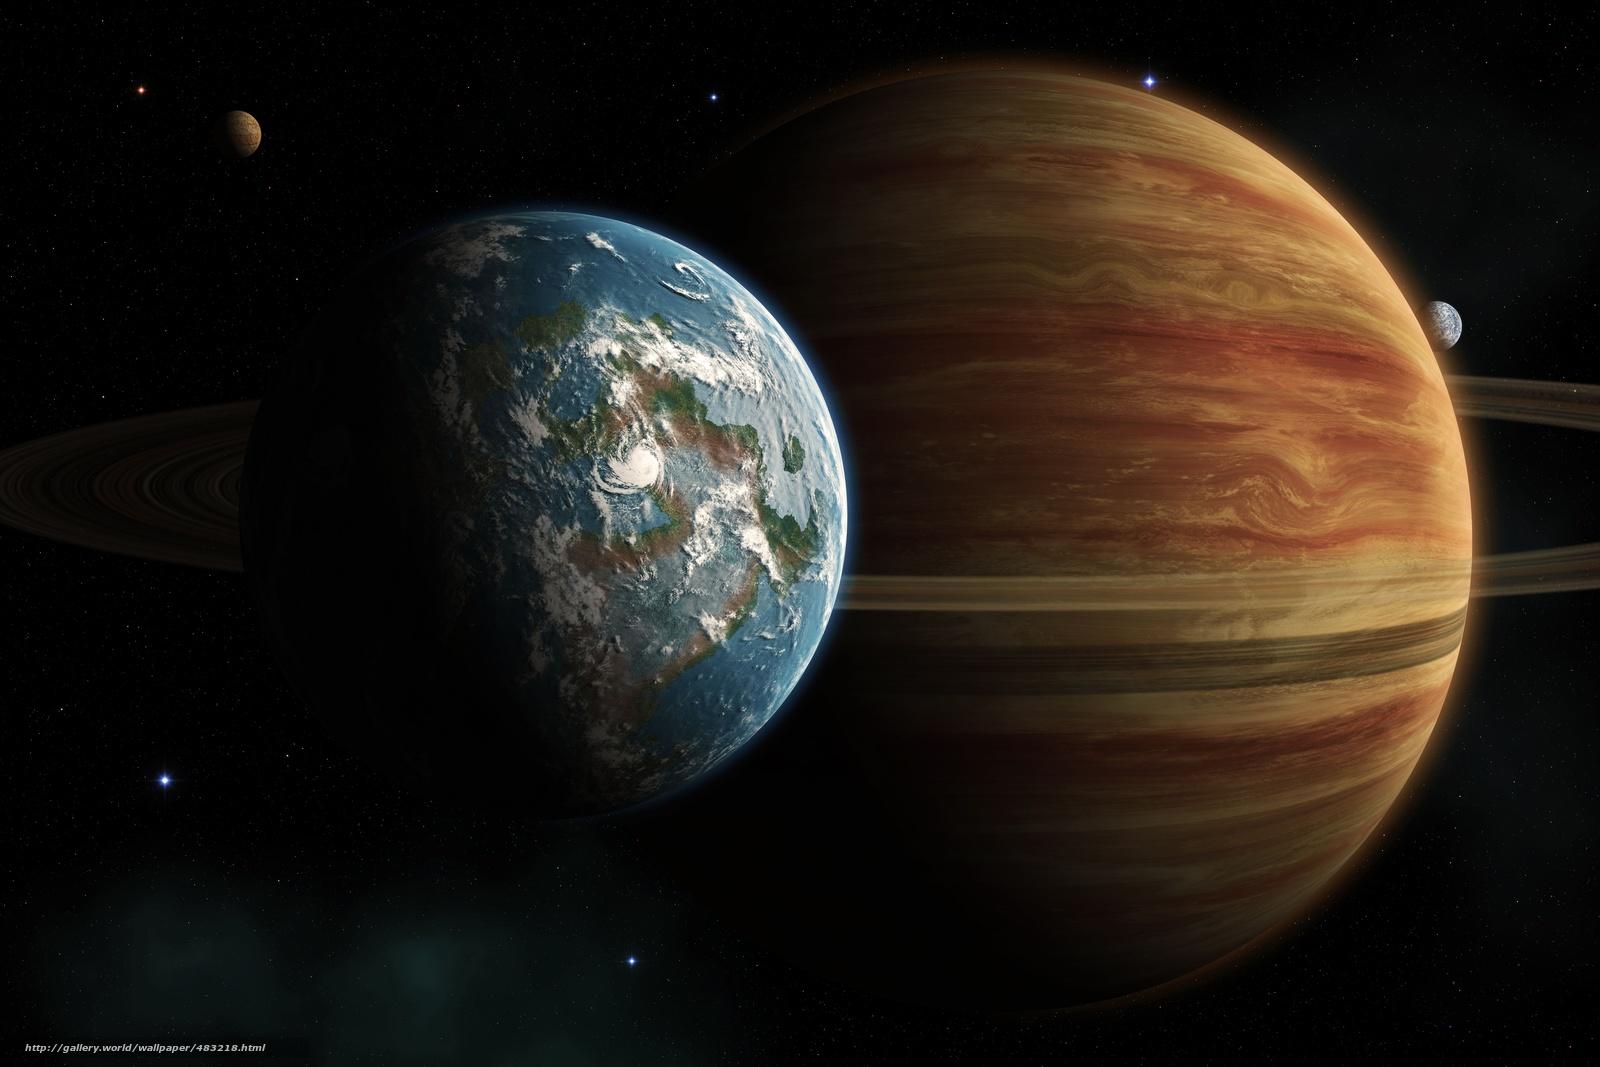 Скачать на телефон обои фото картинку на тему Планета, спутник, сателлит, атмосфера, море, облака, разширение 7500x5000